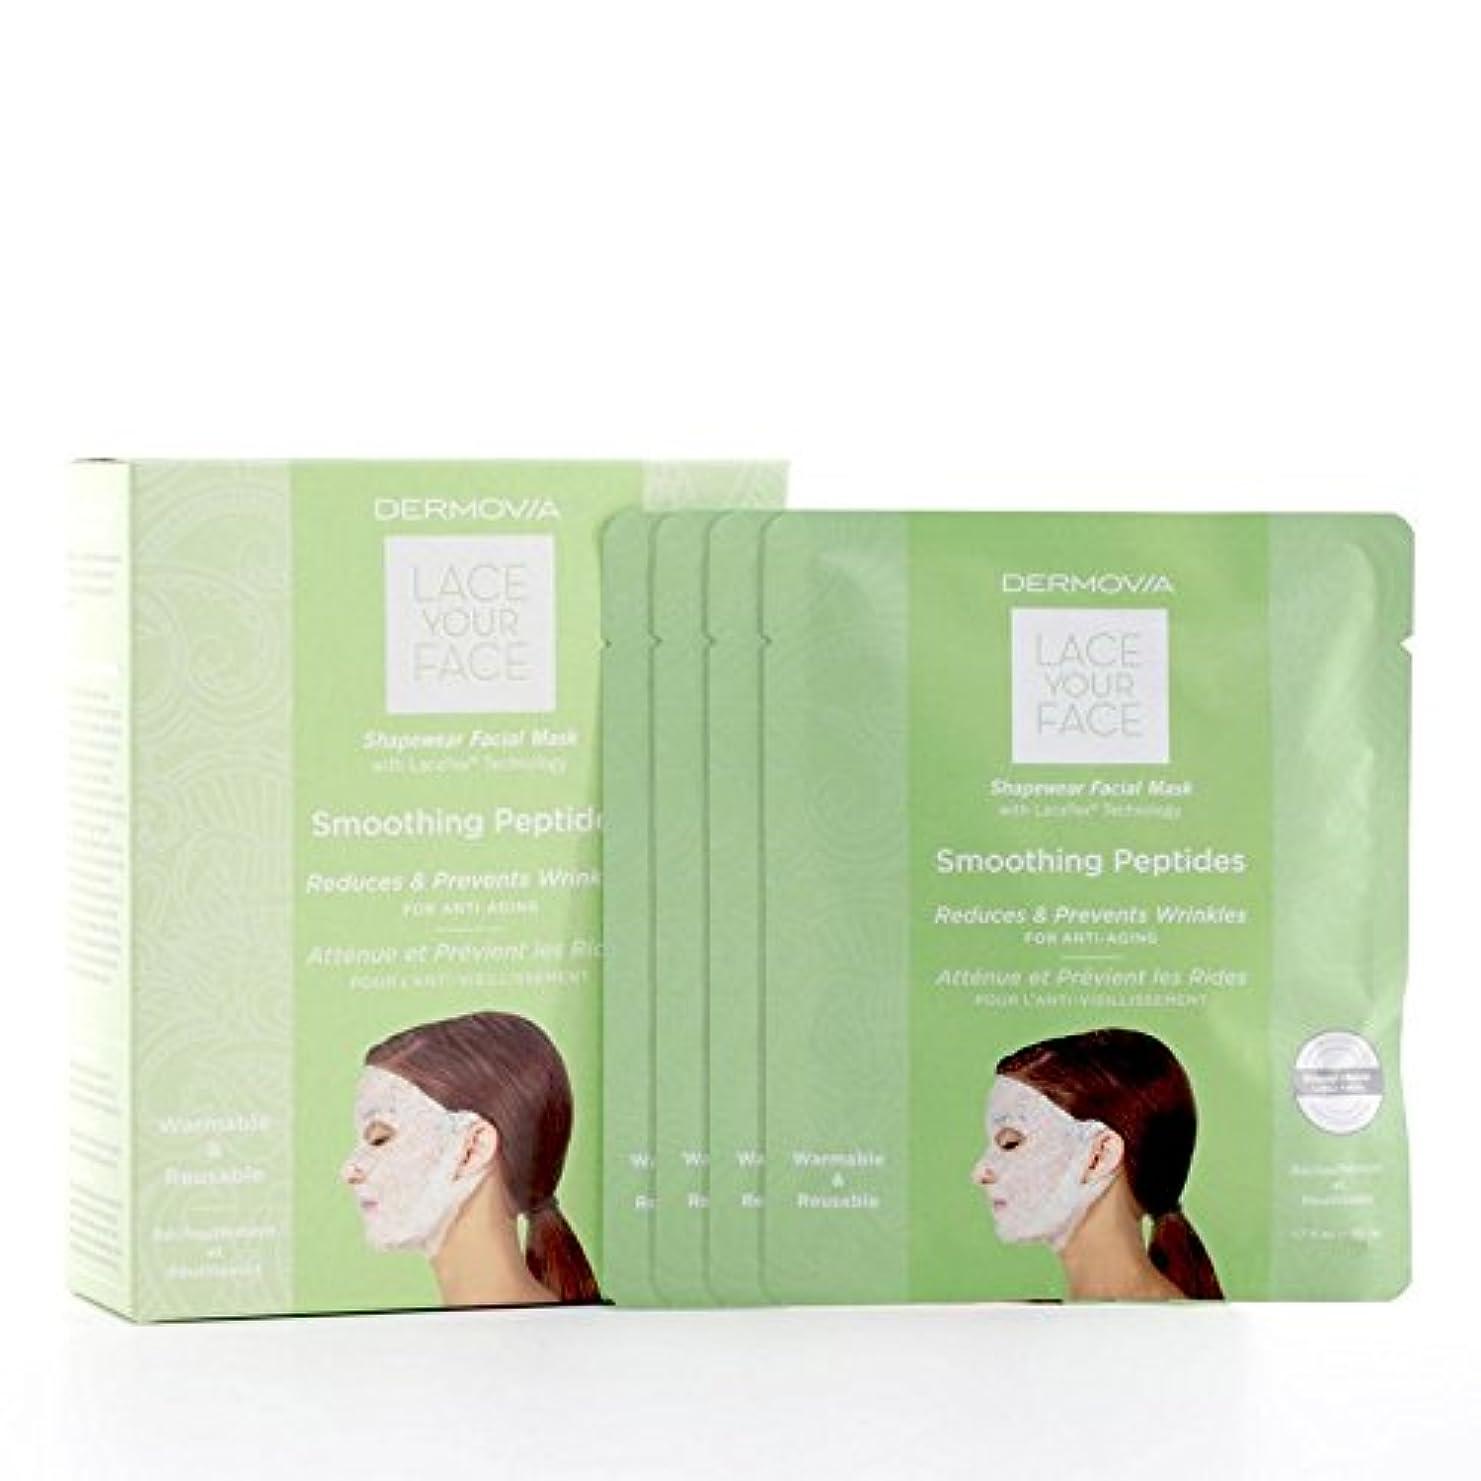 酔うスプリット離すは、あなたの顔の圧縮フェイシャルマスク平滑化ペプチドをひもで締めます x2 - Dermovia Lace Your Face Compression Facial Mask Smoothing Peptides (Pack...